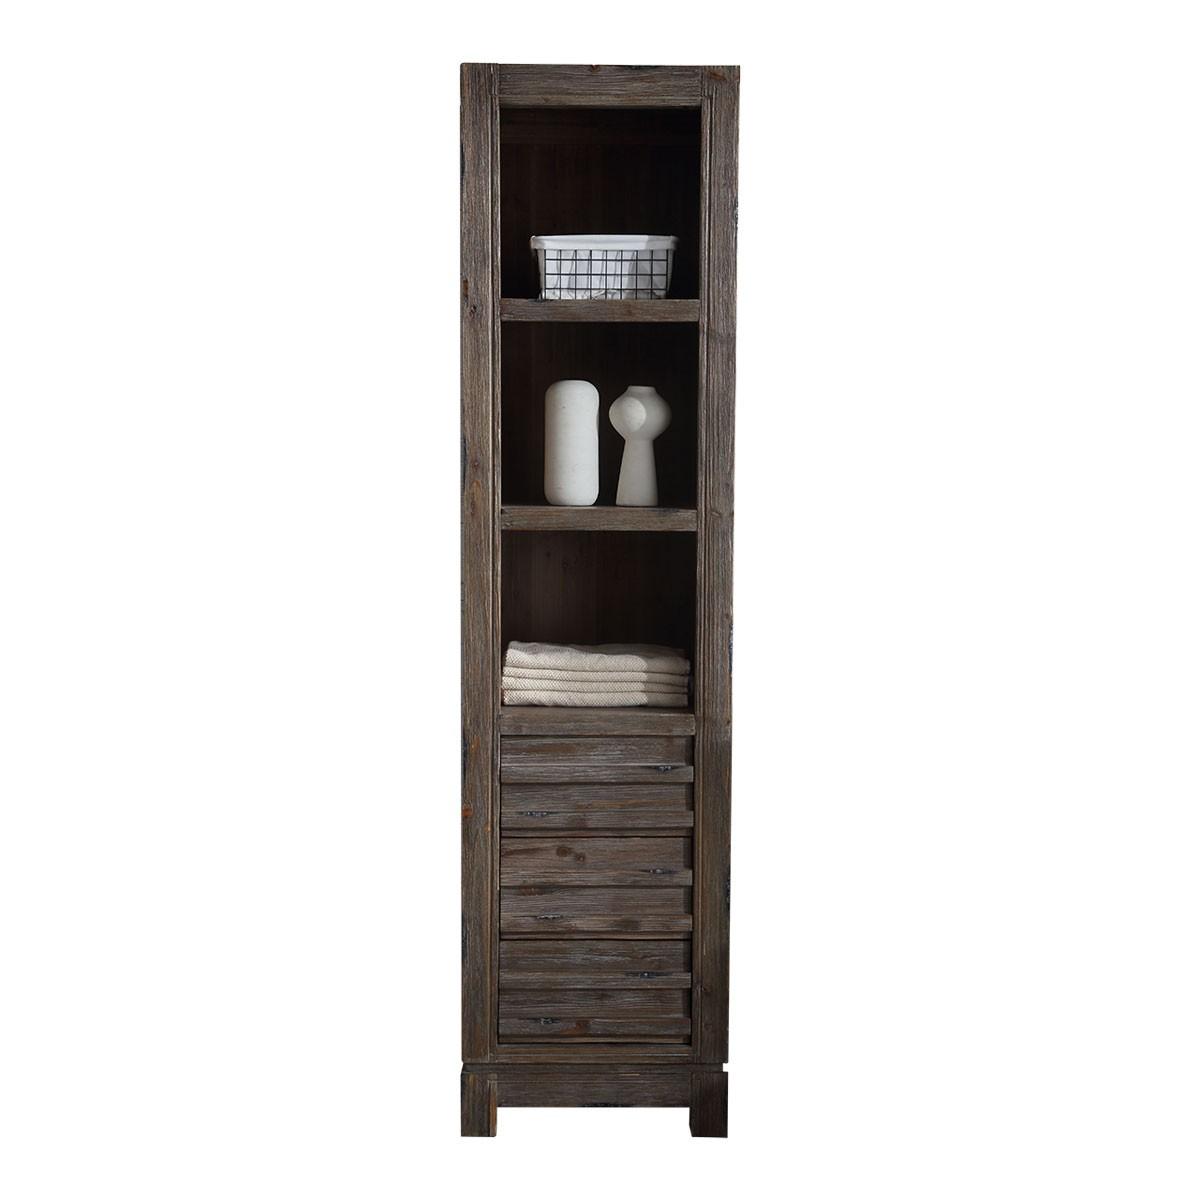 20 x 85 in freestanding bathroom linen cabinet dk wh9220 - Freestanding bathroom linen closet ...